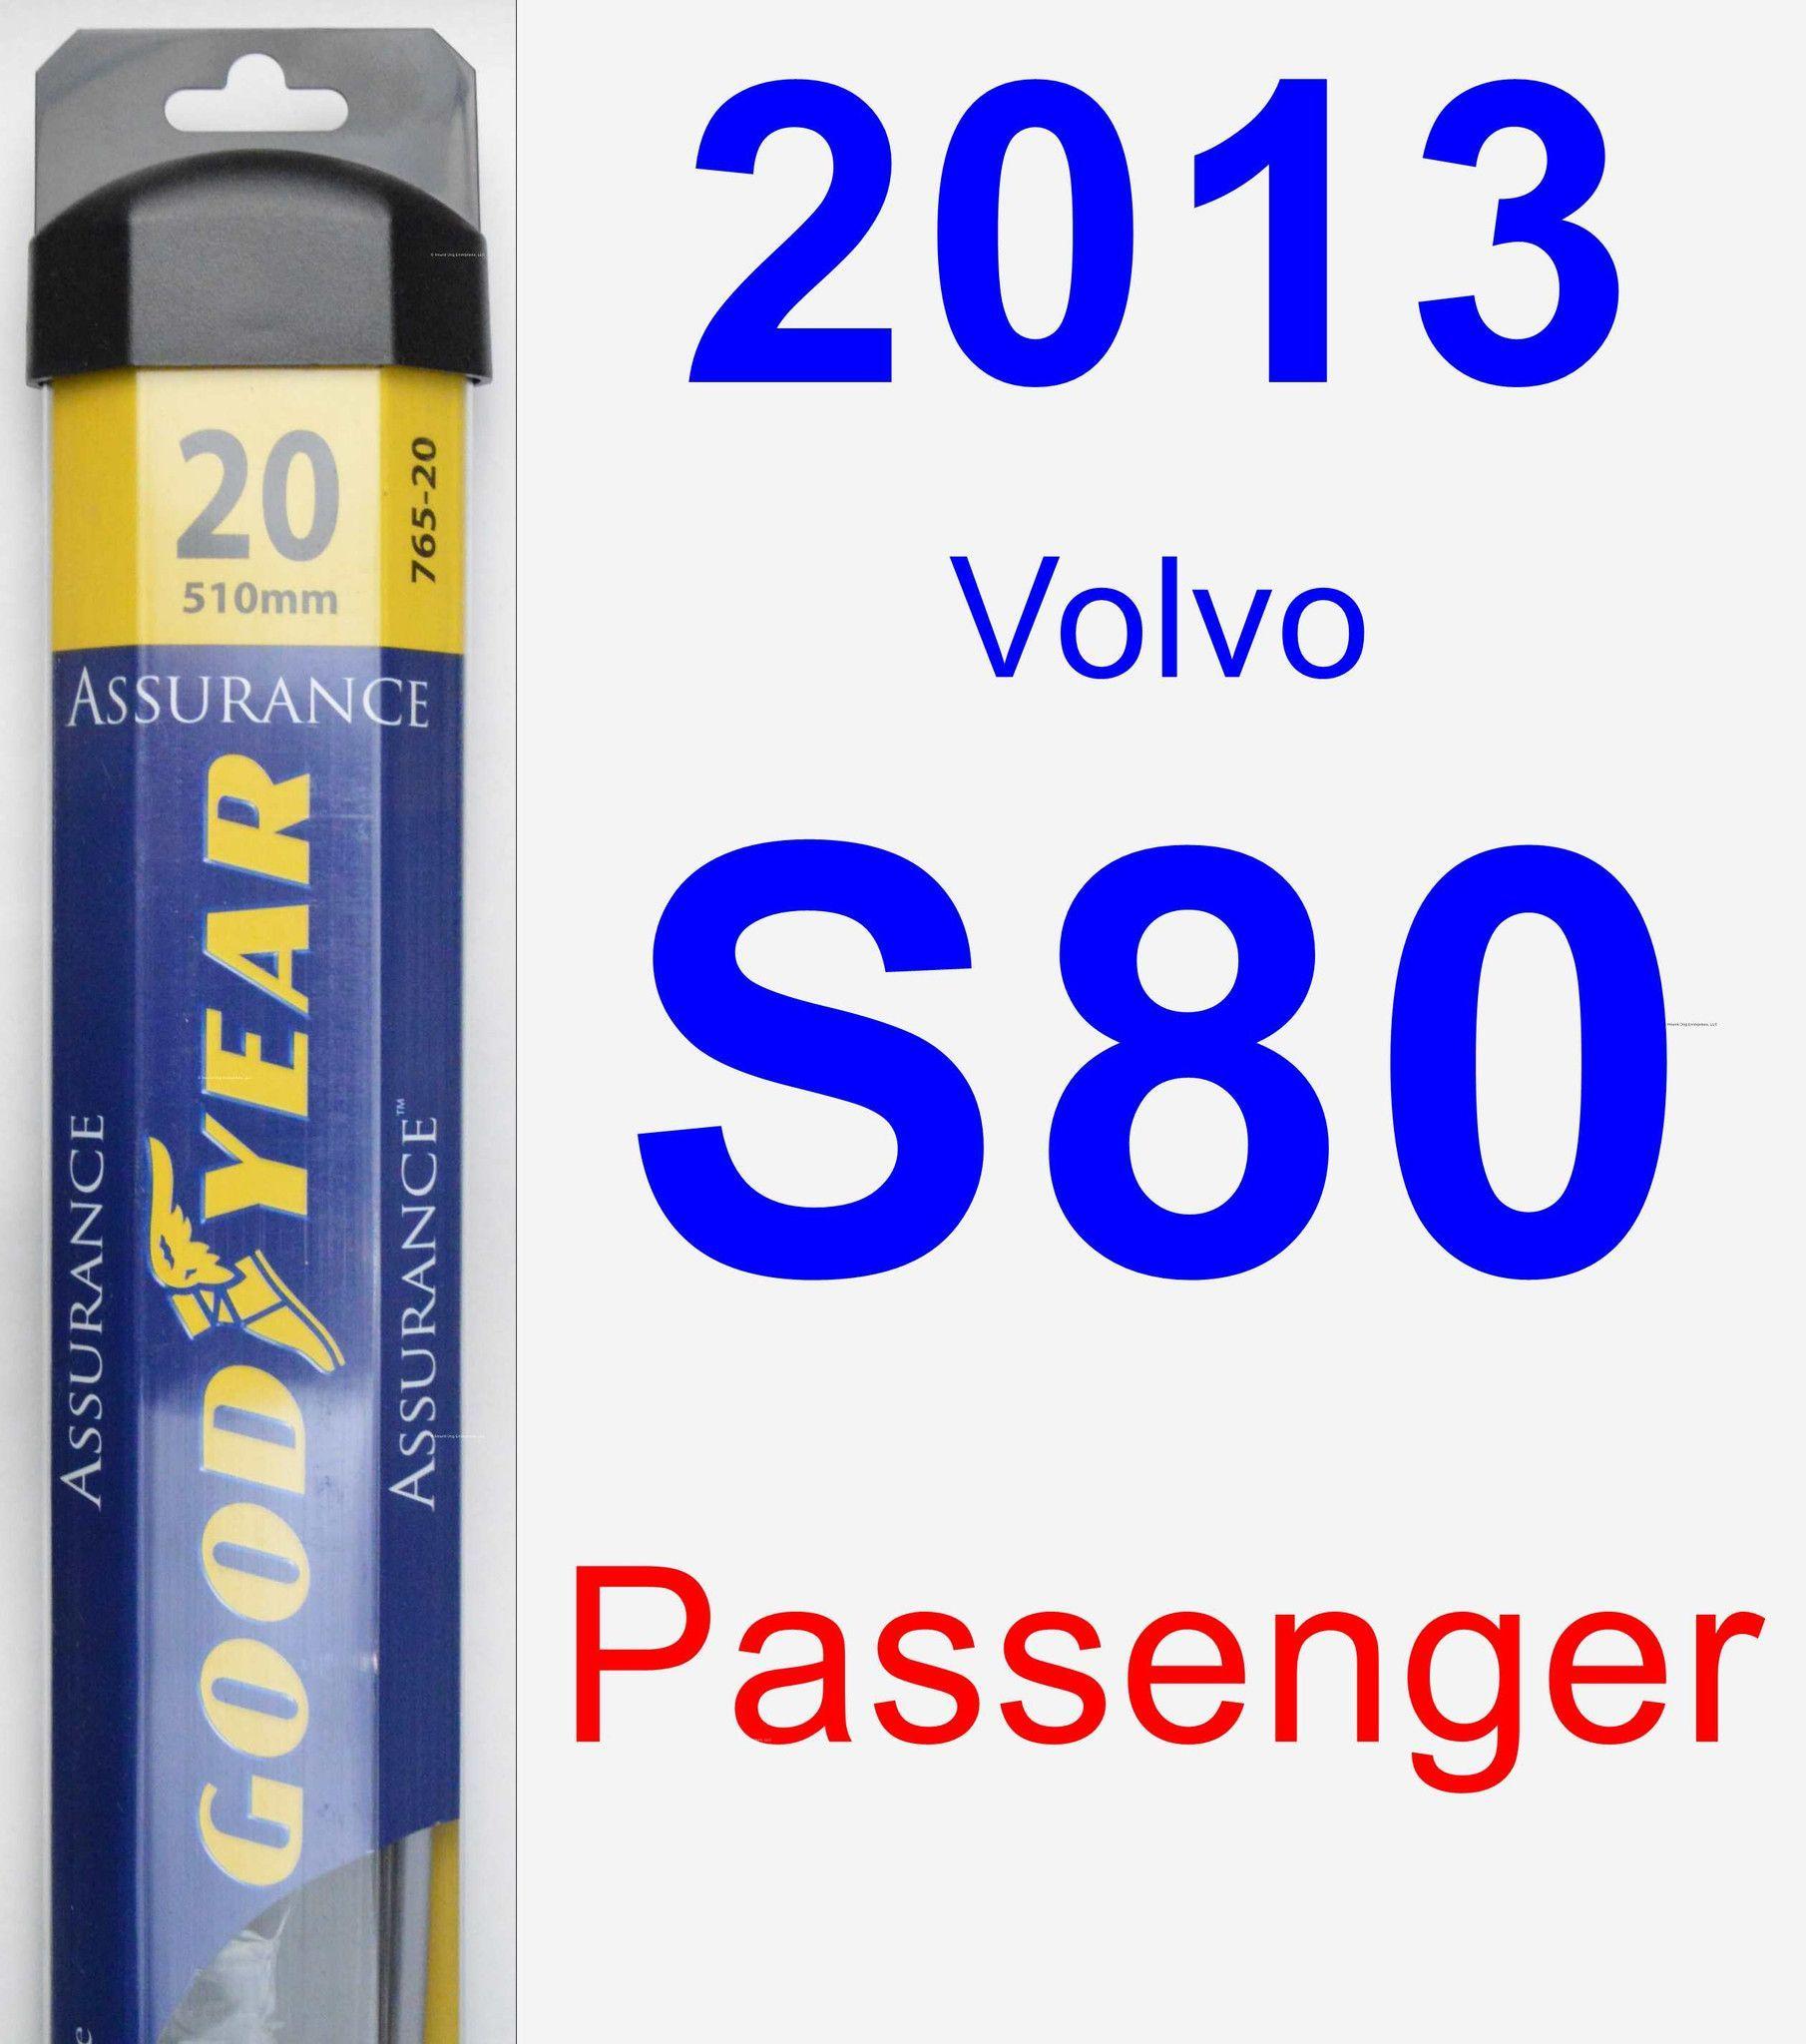 Passenger Wiper Blade for 2013 Volvo S80 - Assurance